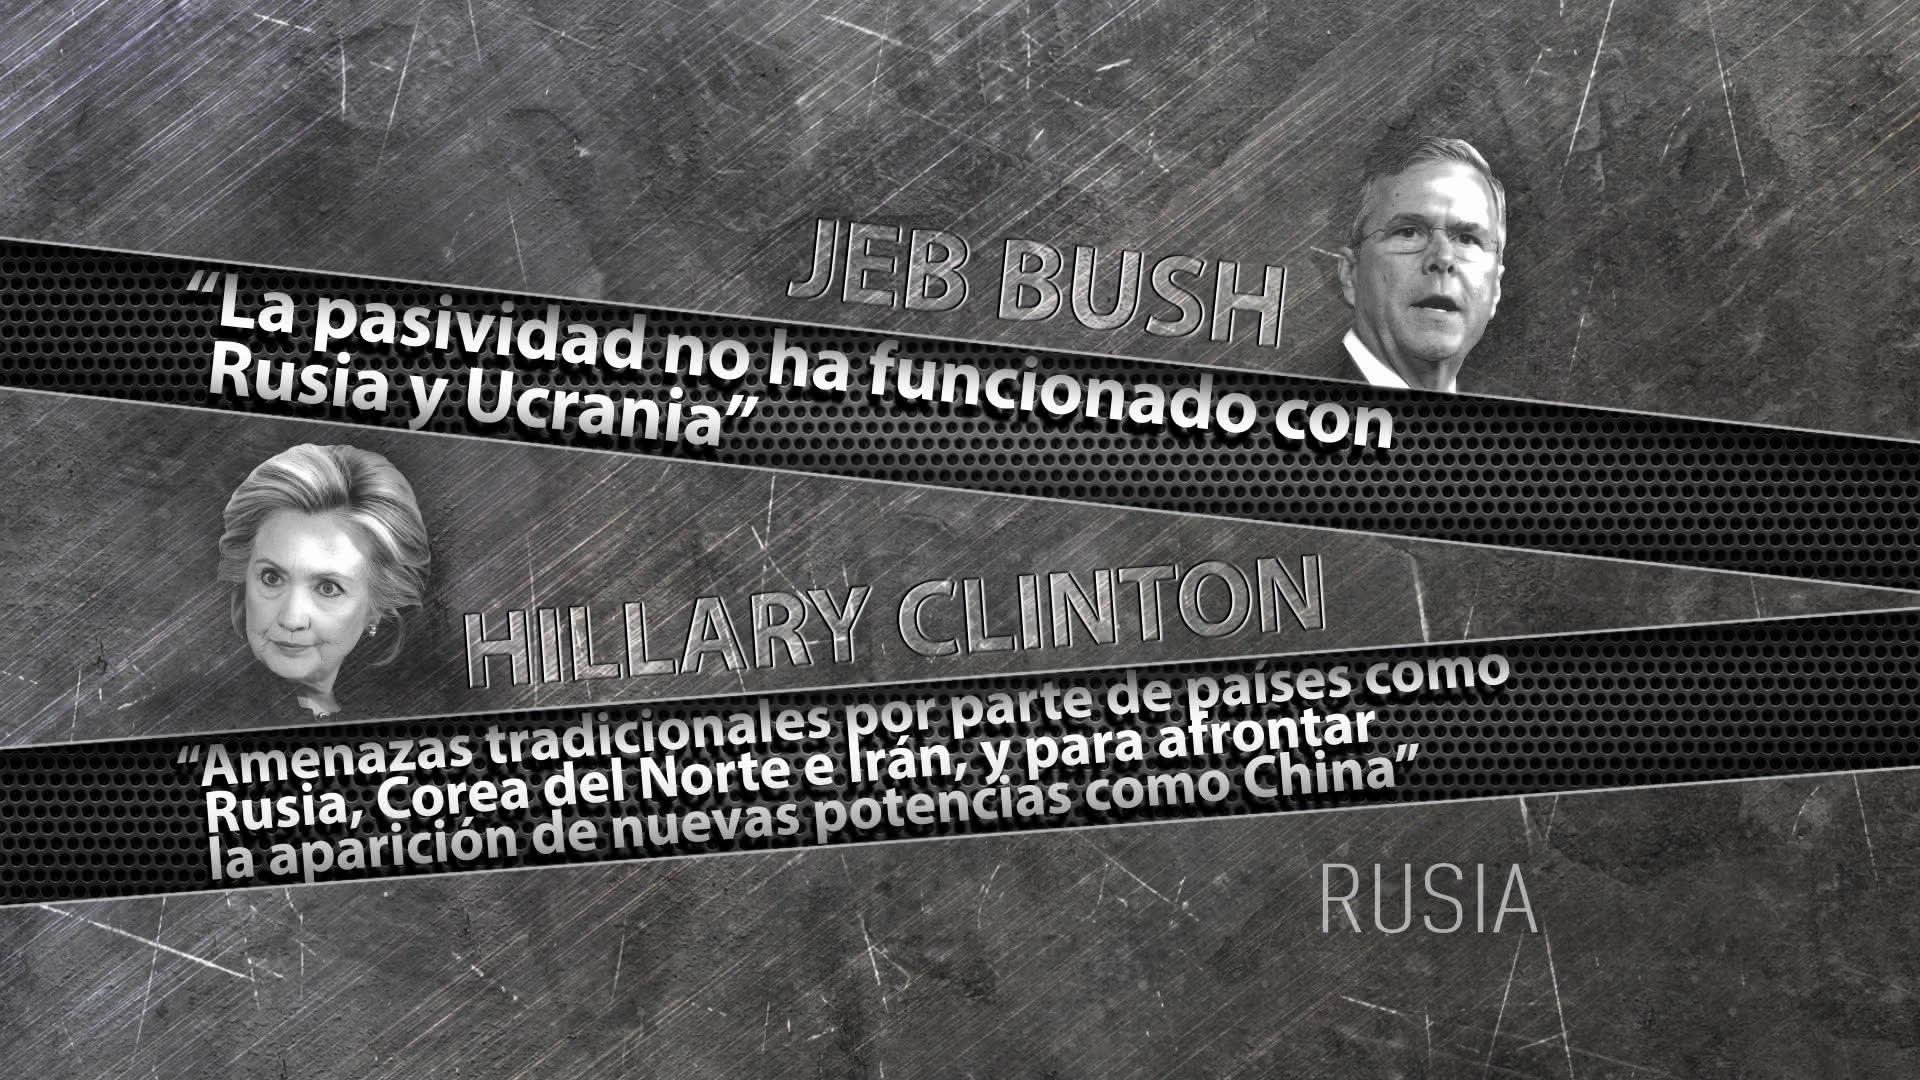 Las posturas de Jeb Bush y Hillary Clinton sobre Rusia